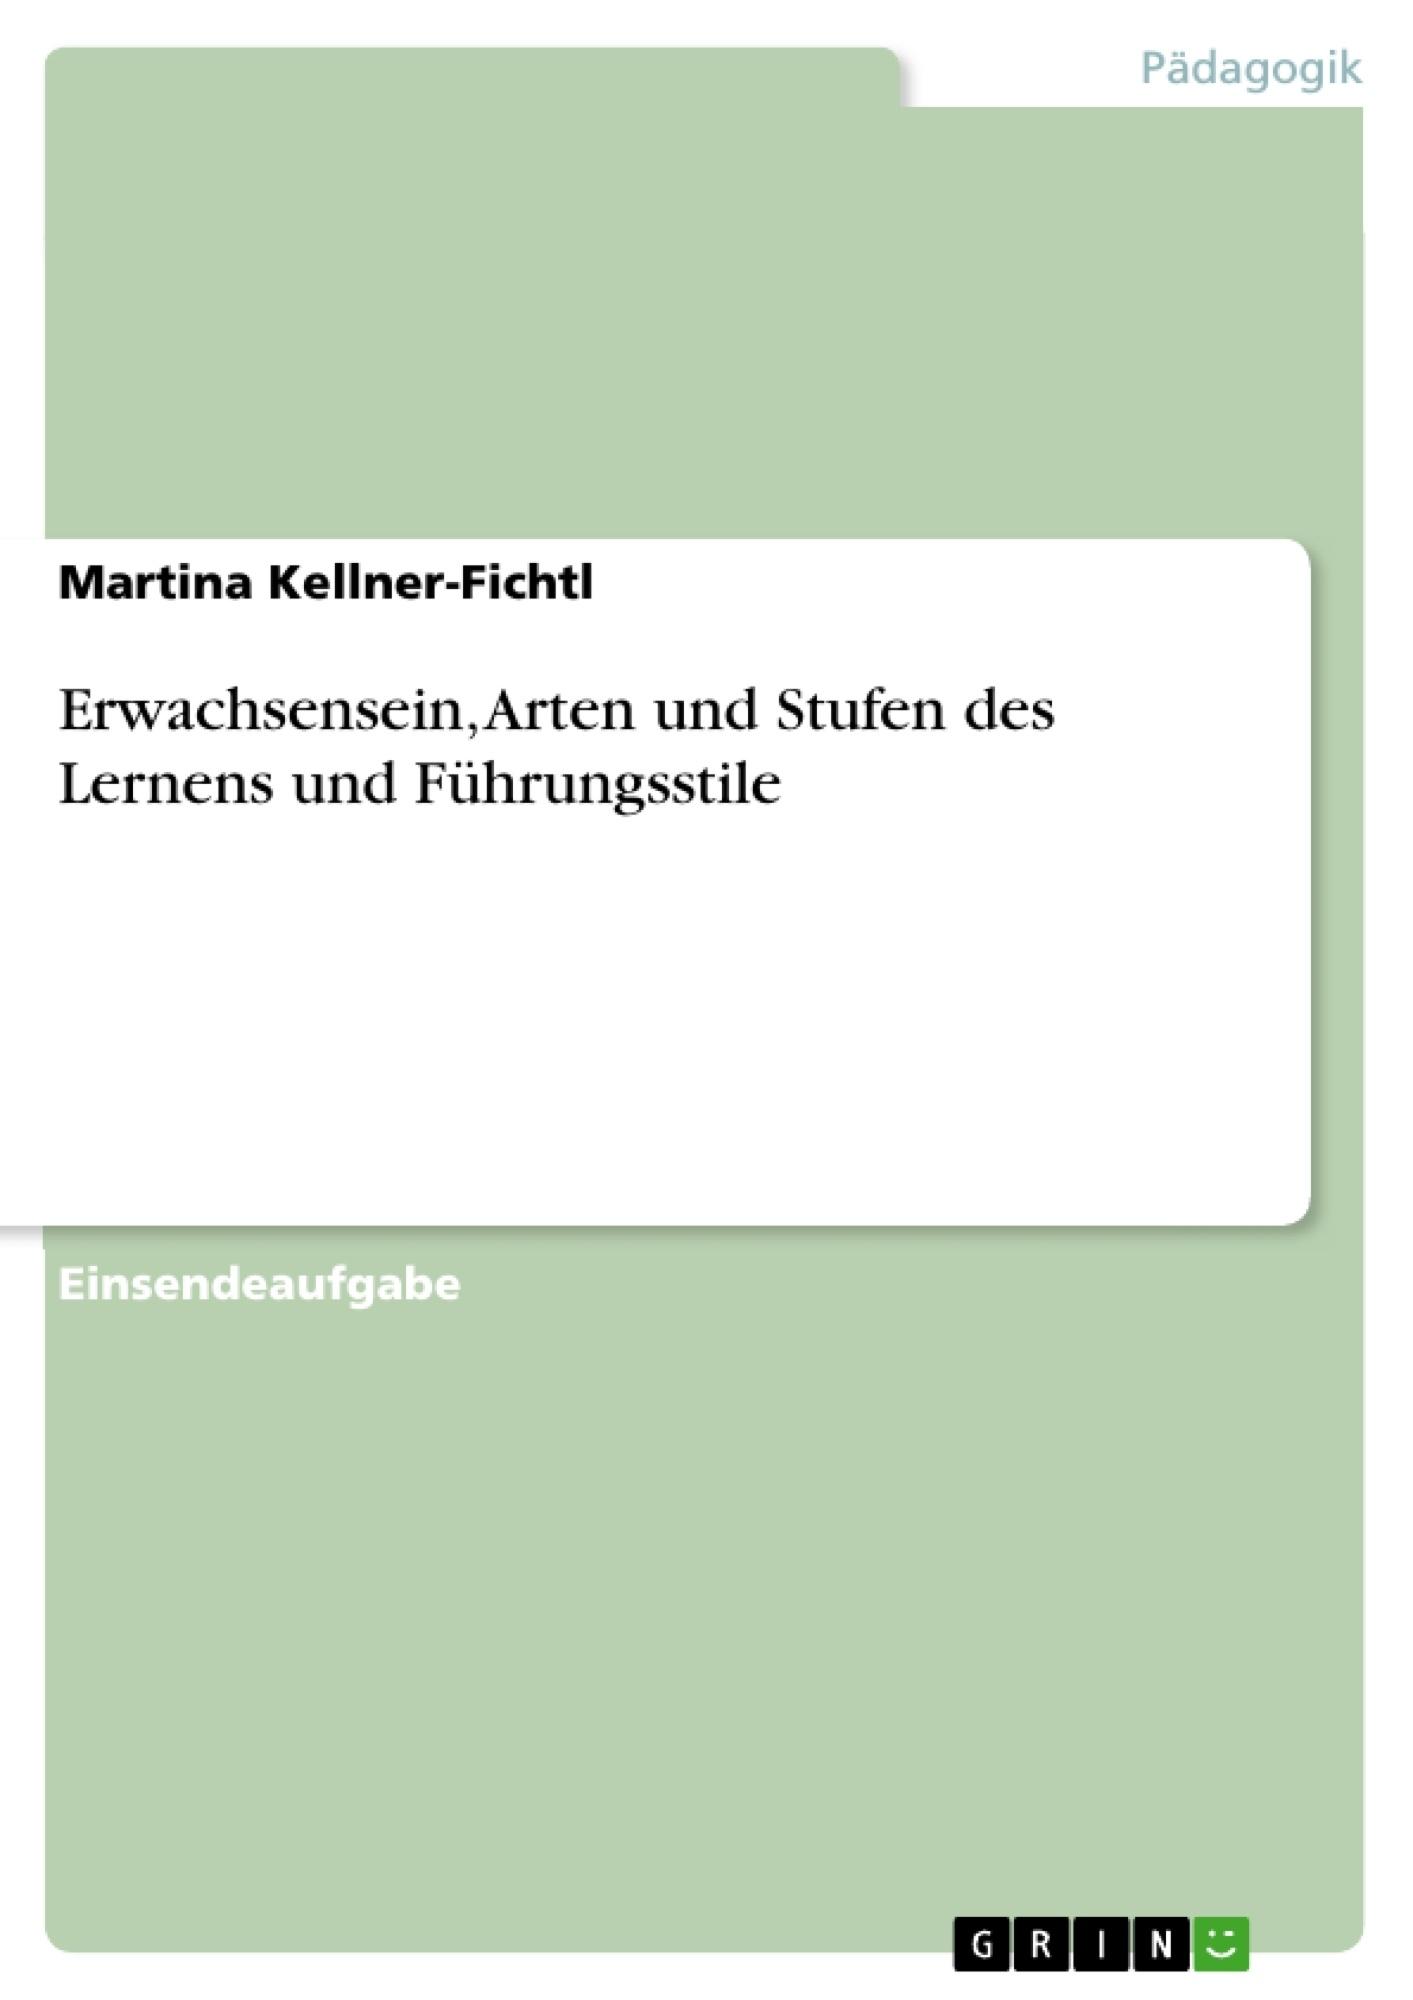 Titel: Erwachsensein, Arten und Stufen des Lernens und Führungsstile